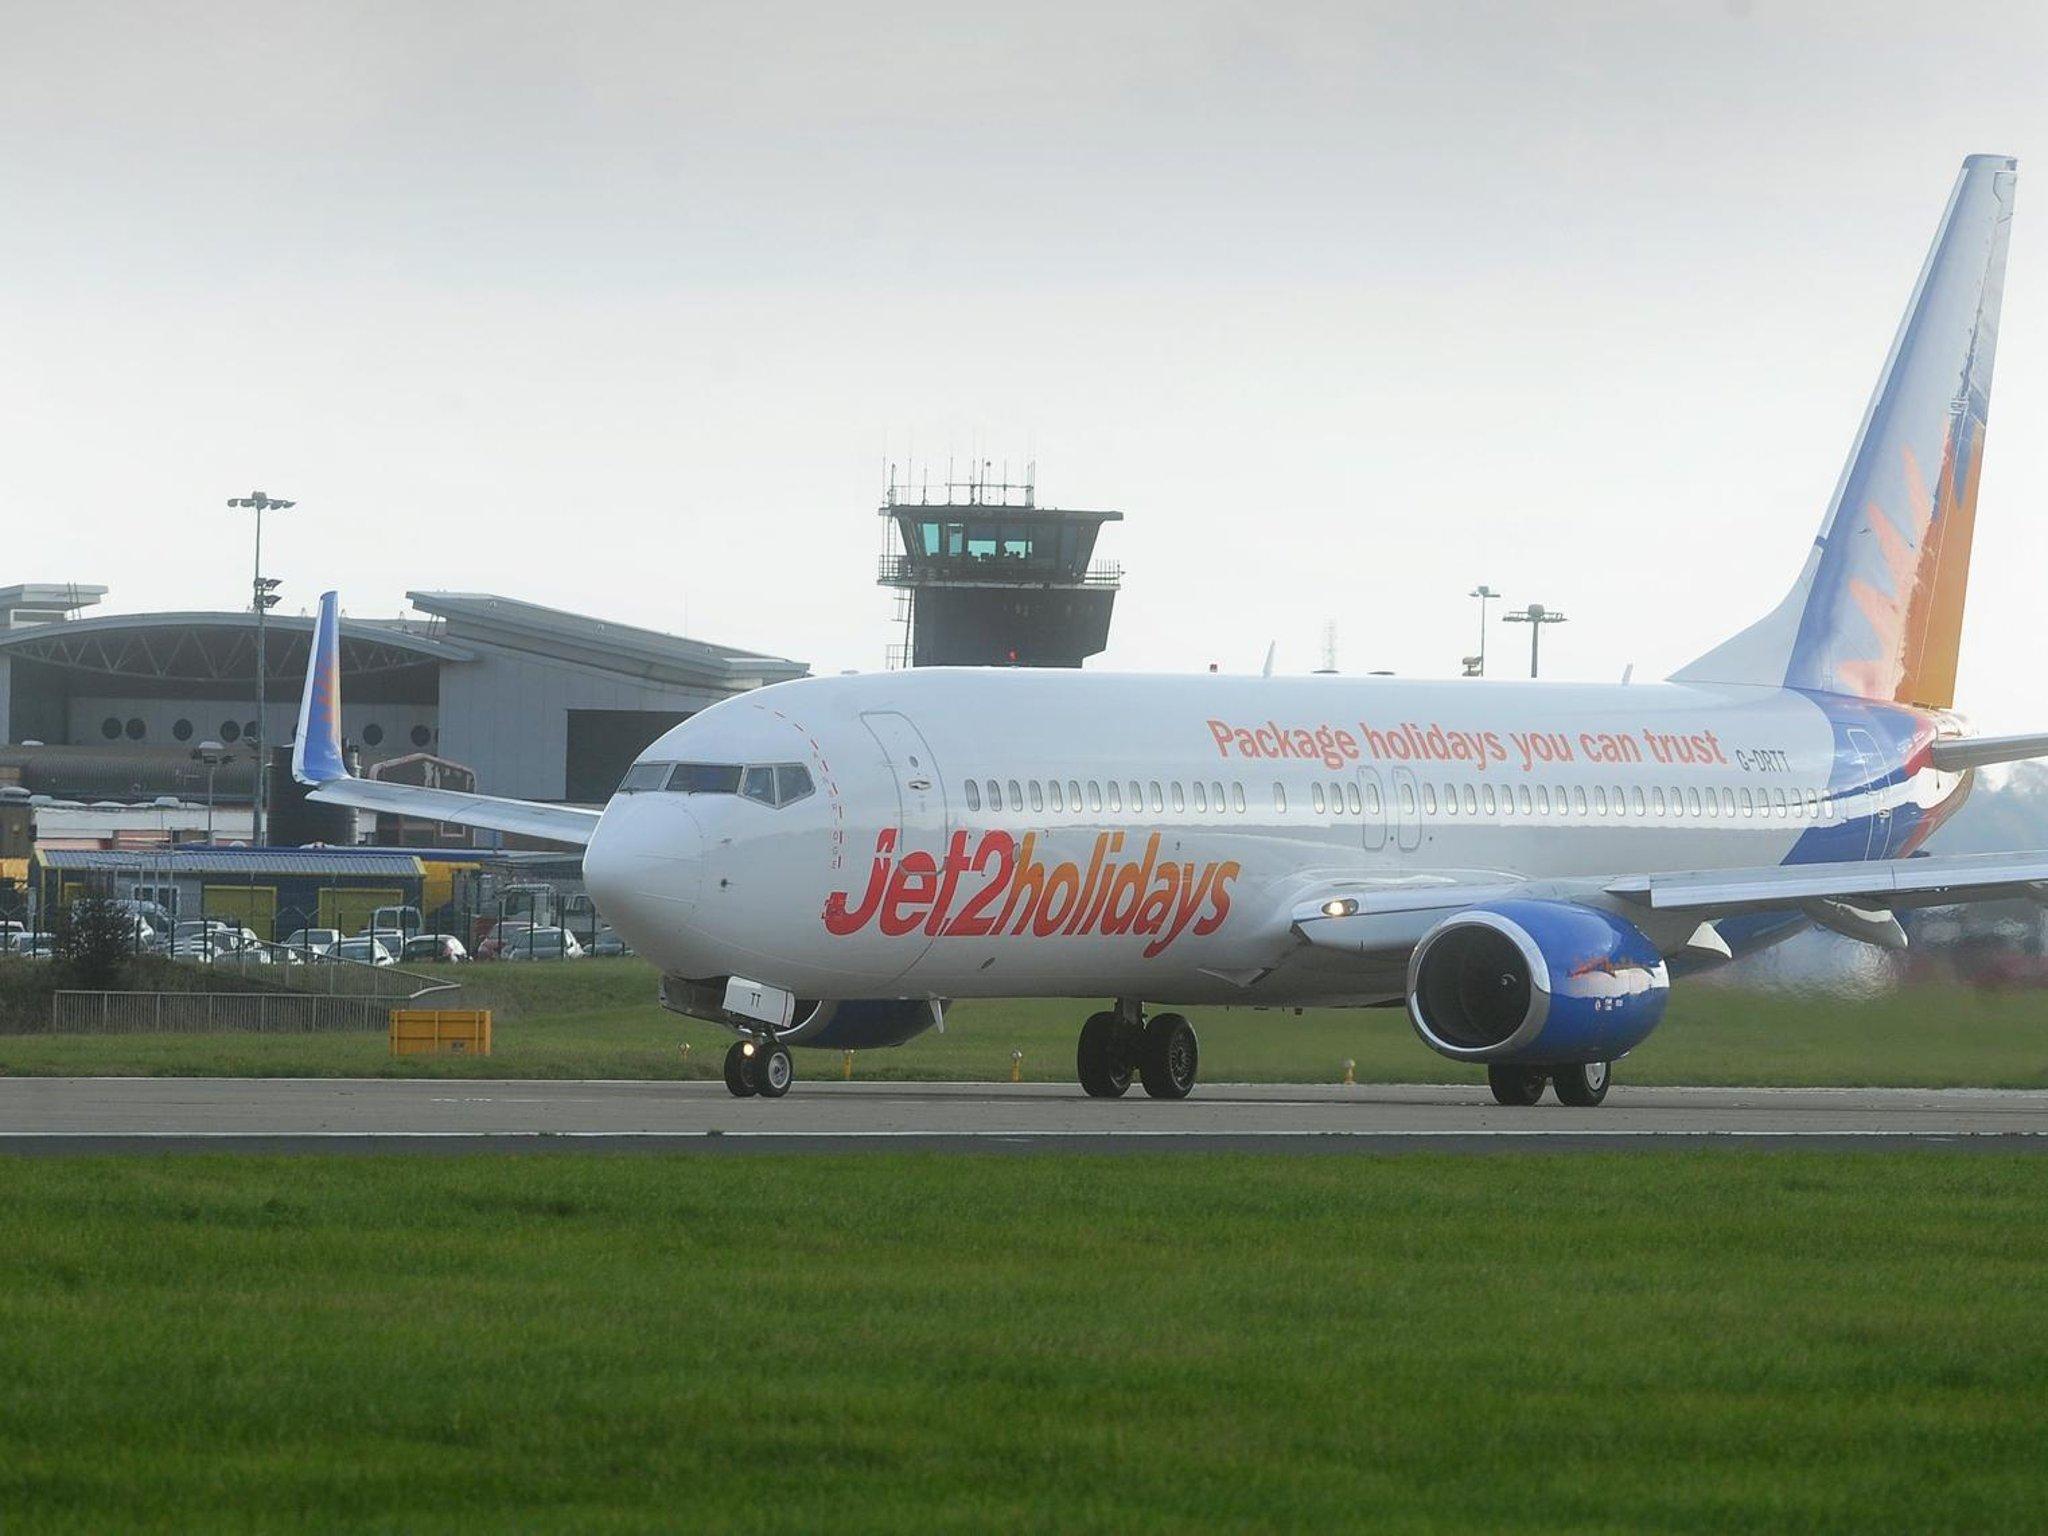 Το Jet2 με έδρα το Λιντς βλέπει αύξηση κατά 600% στις κρατήσεις διακοπών μετά τον οδικό χάρτη για τον τερματισμό του κλειδώματος